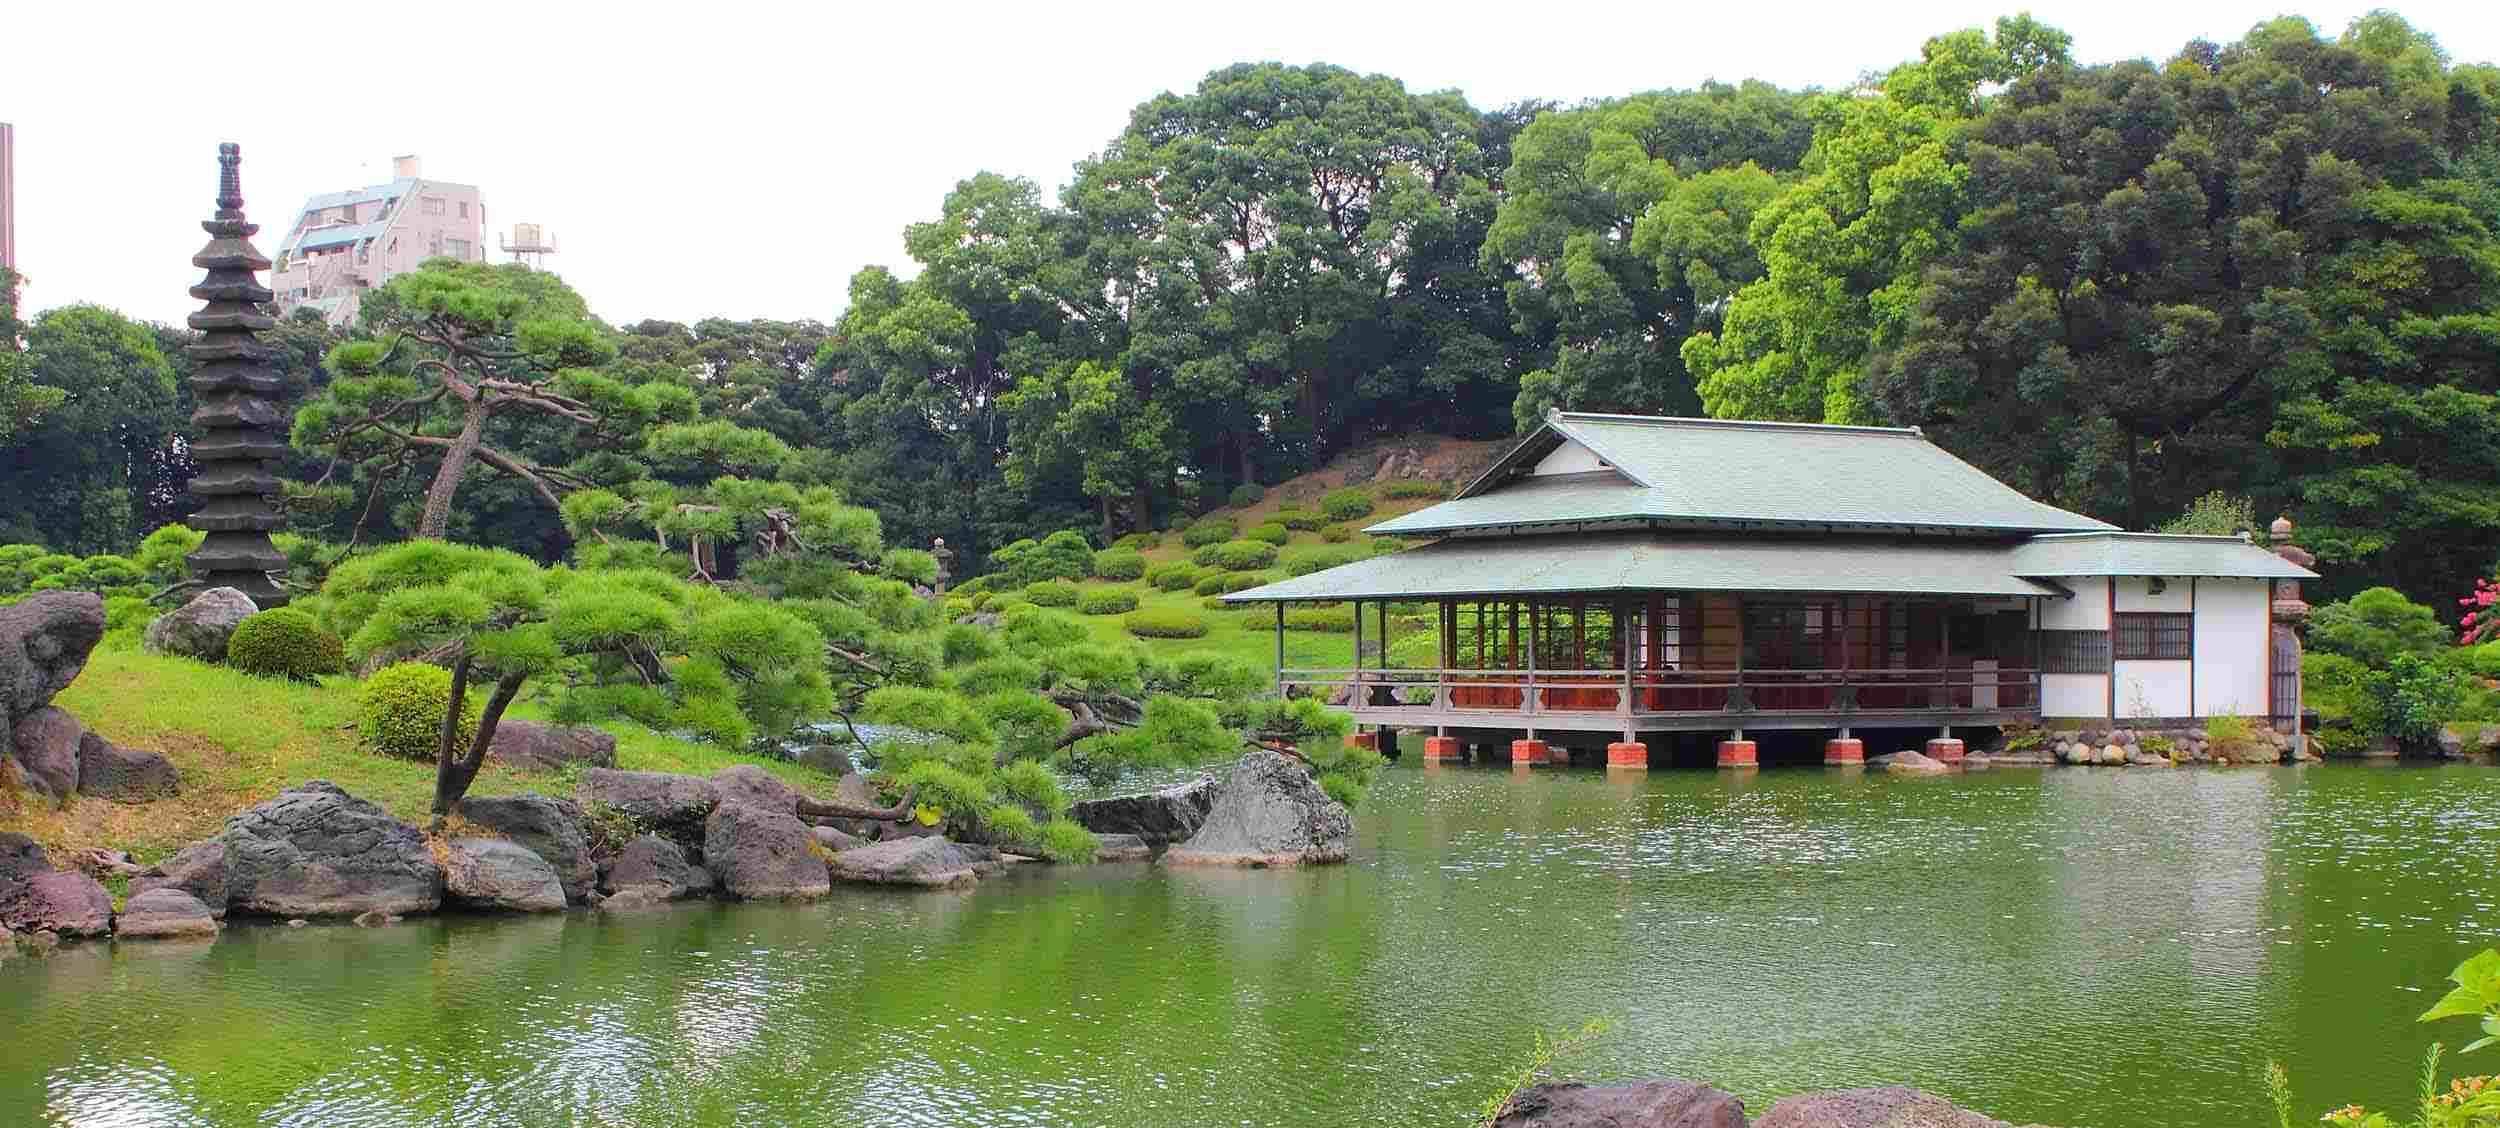 جاهای دیدنی ژاپن : ۱۰ پارک زیبای توکیو